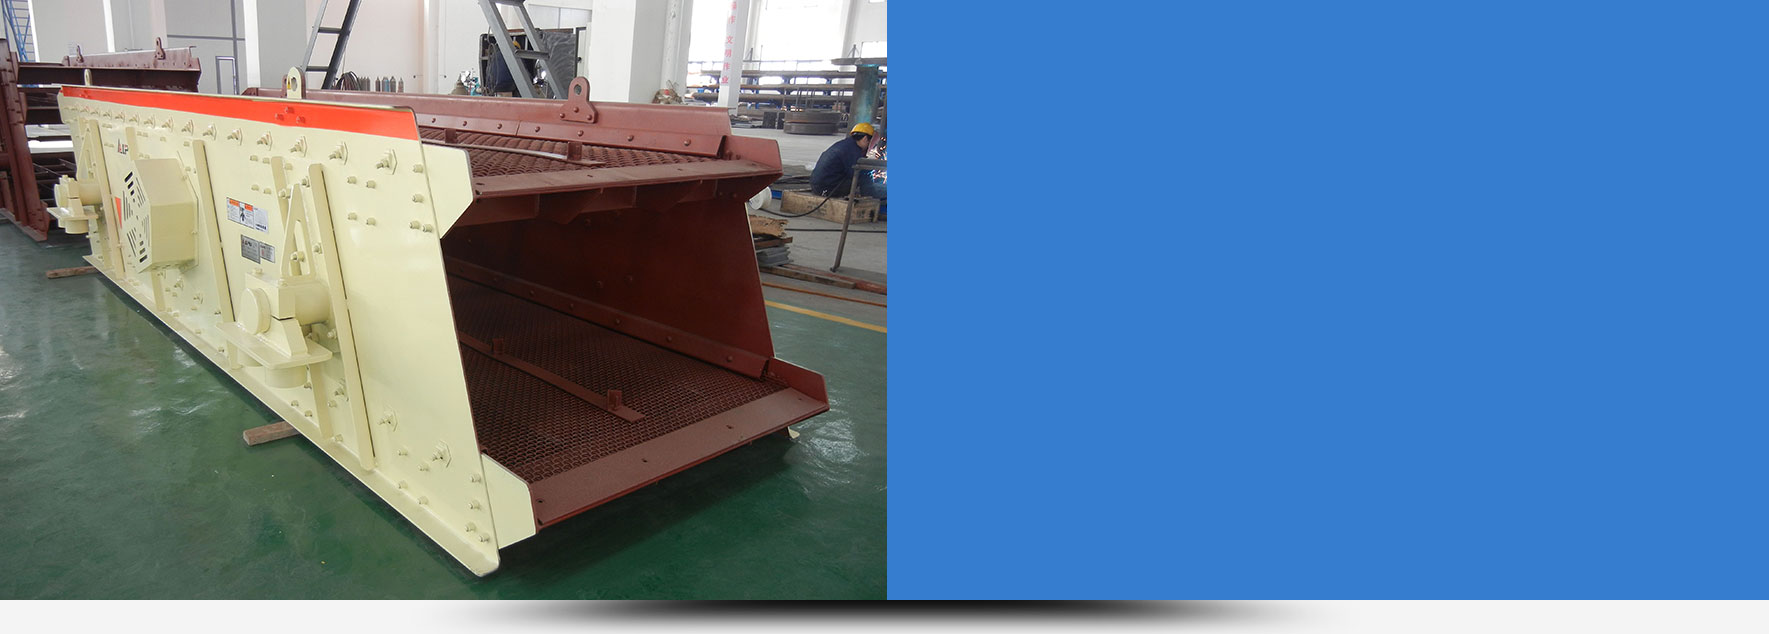 云南龙翔机械是一家以云南振动筛沙机、昆明滚筒筛沙机生产加工为主的厂家